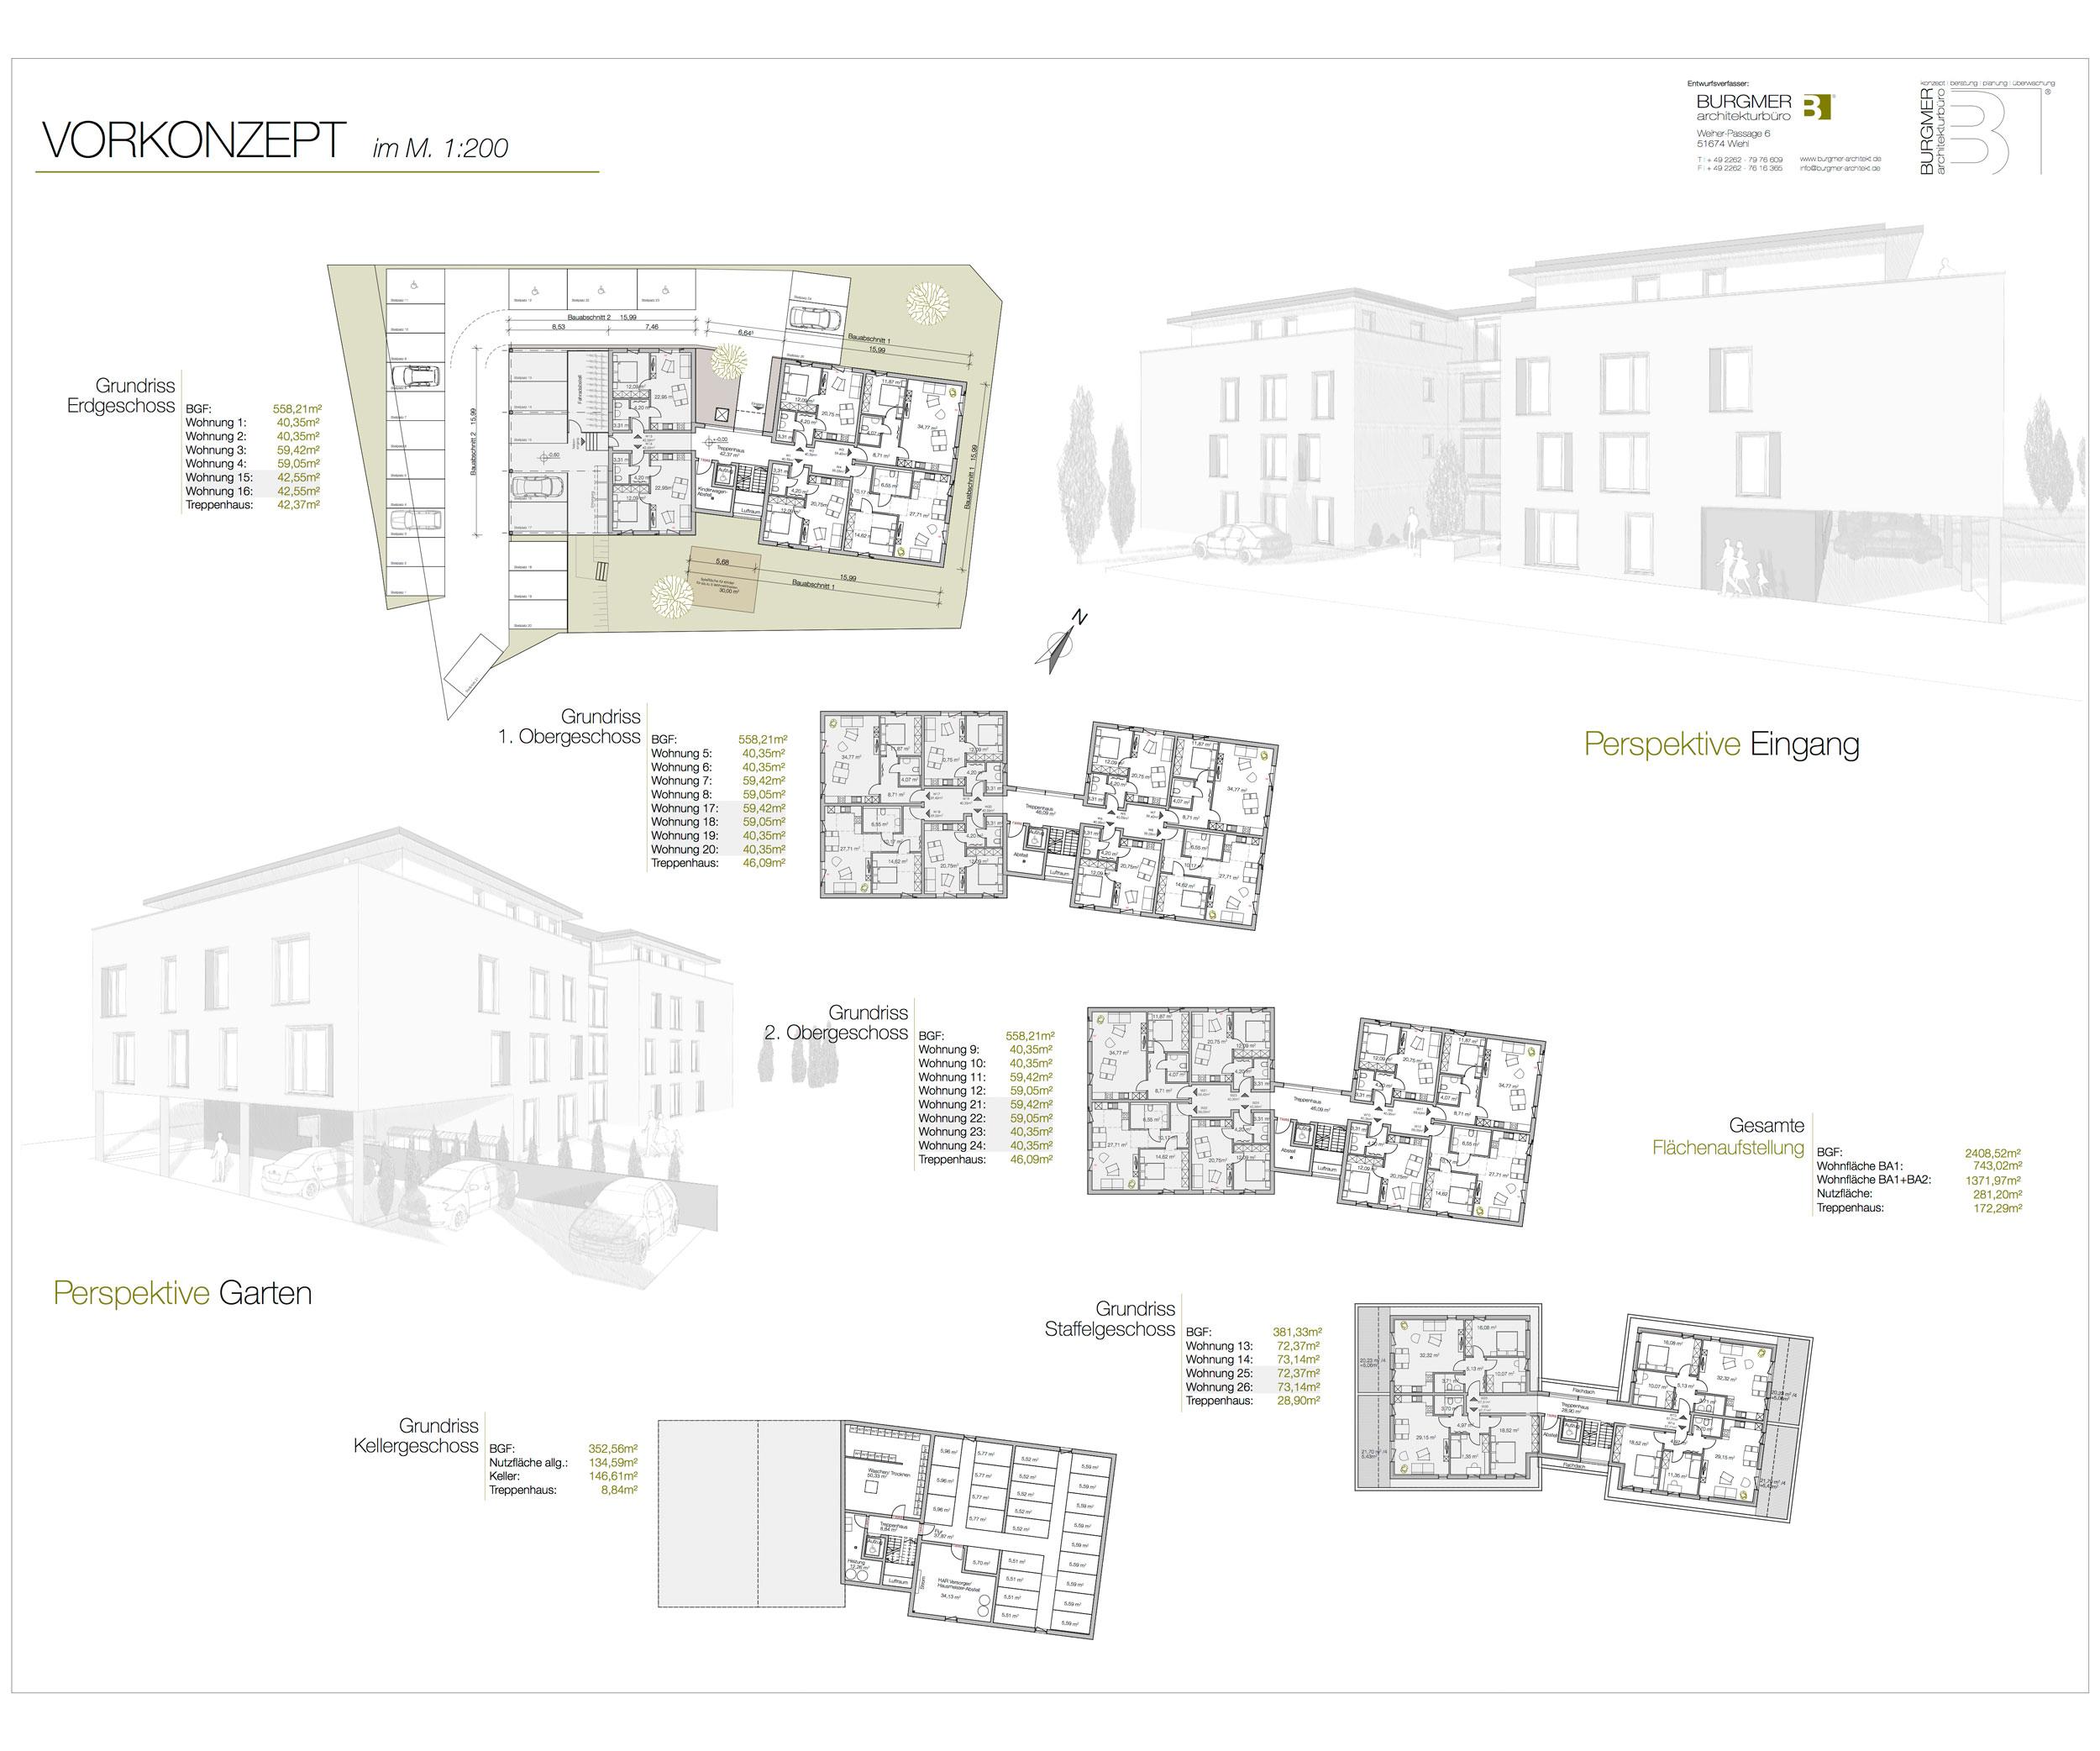 Konzeptentwurf, ,Wohnhaus,26 Wohneinheiten ,sozialer Wohnraum, Siegen, Burgmer-Architekt, Architekturbüro-Wiehl